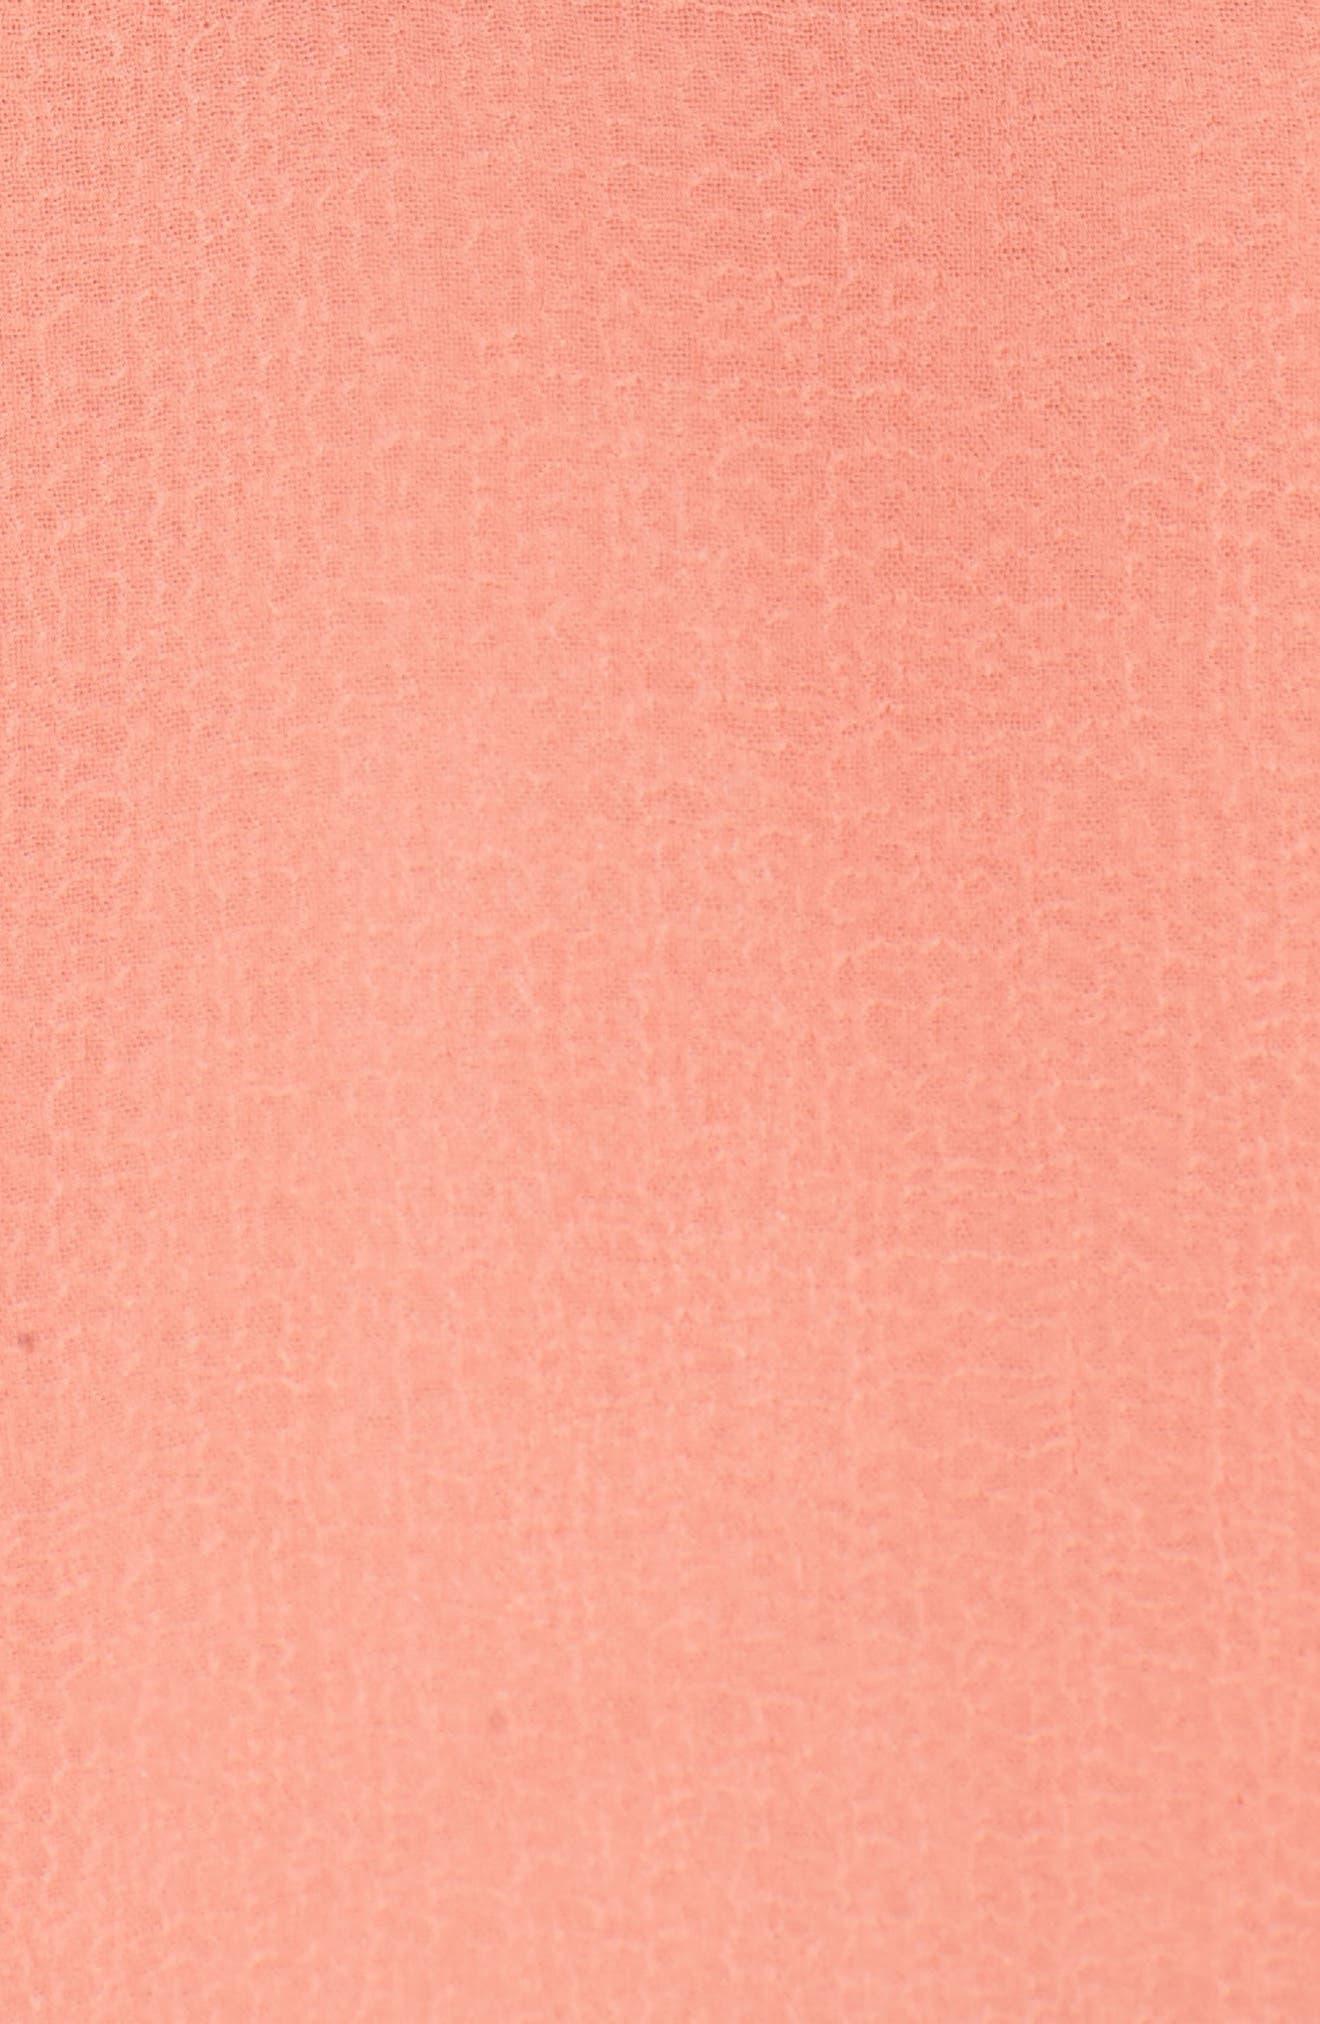 Iniko Blouson Dress,                             Alternate thumbnail 5, color,                             950